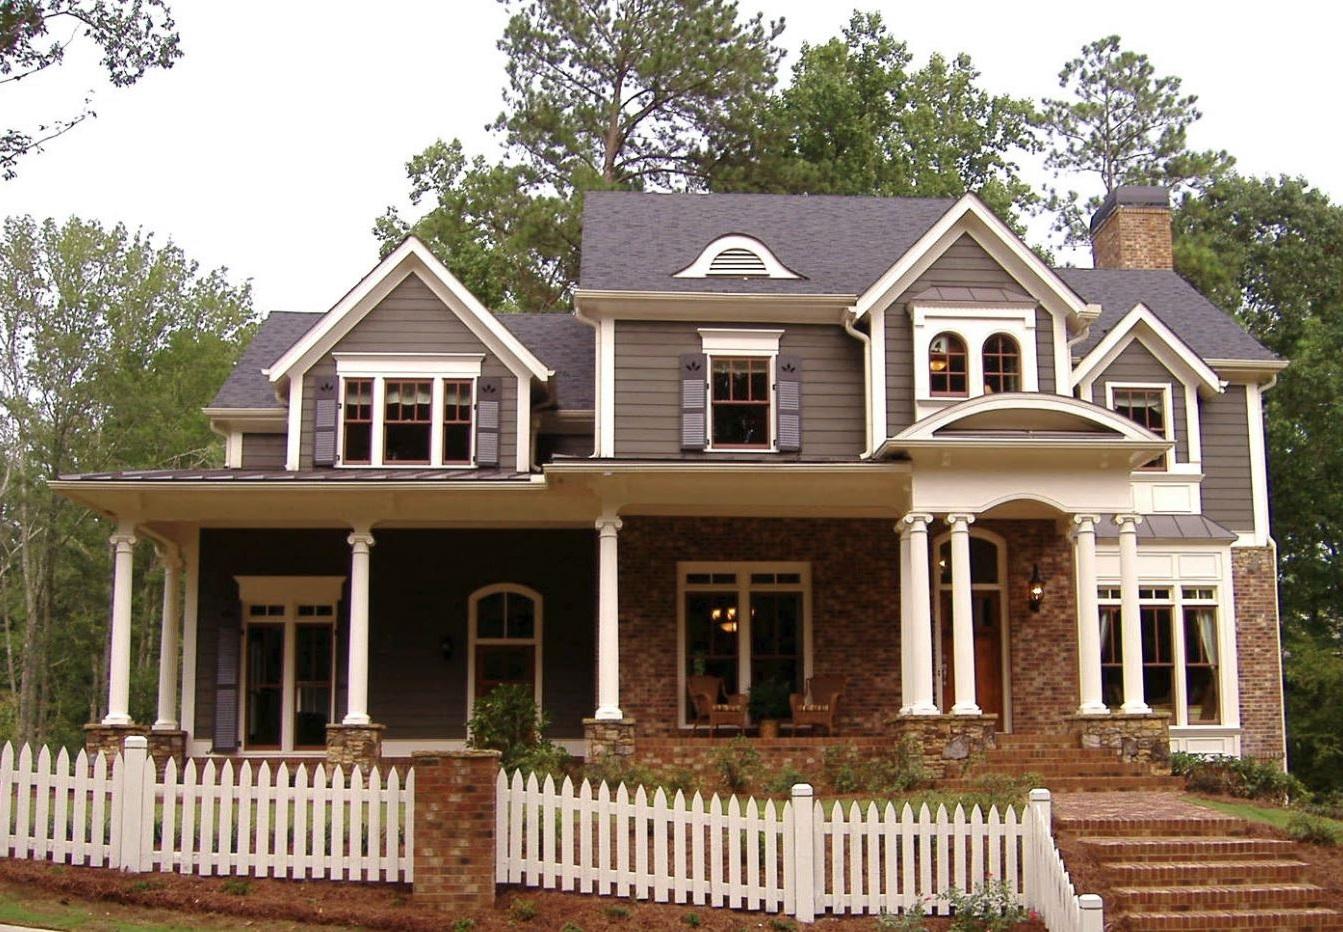 Fachada de casa americana de madera y ladrillos vistos - Casa de ladrillos ...